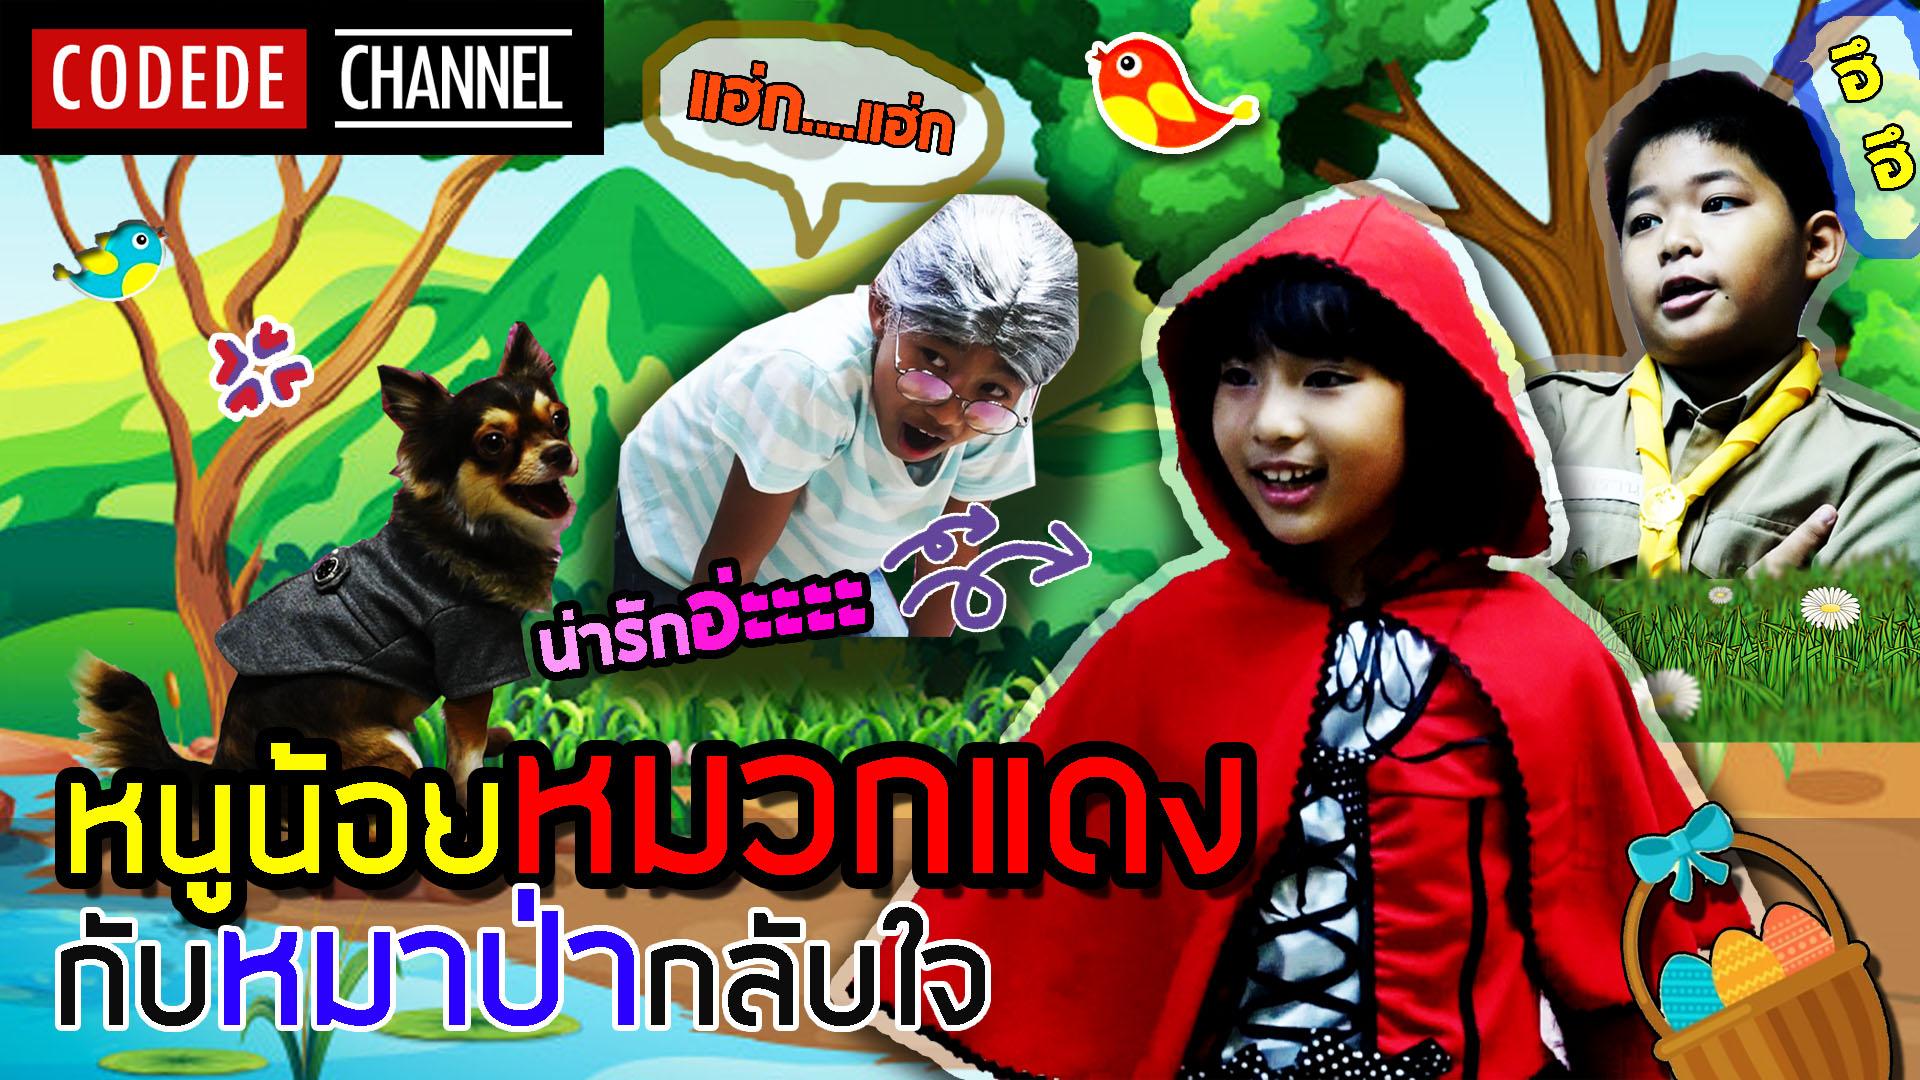 """นิทานสอนใจ เรื่อง """"หนูน้อยหมวกแดง กับ หมาป่ากลับใจ"""" ┃Codede Channel"""